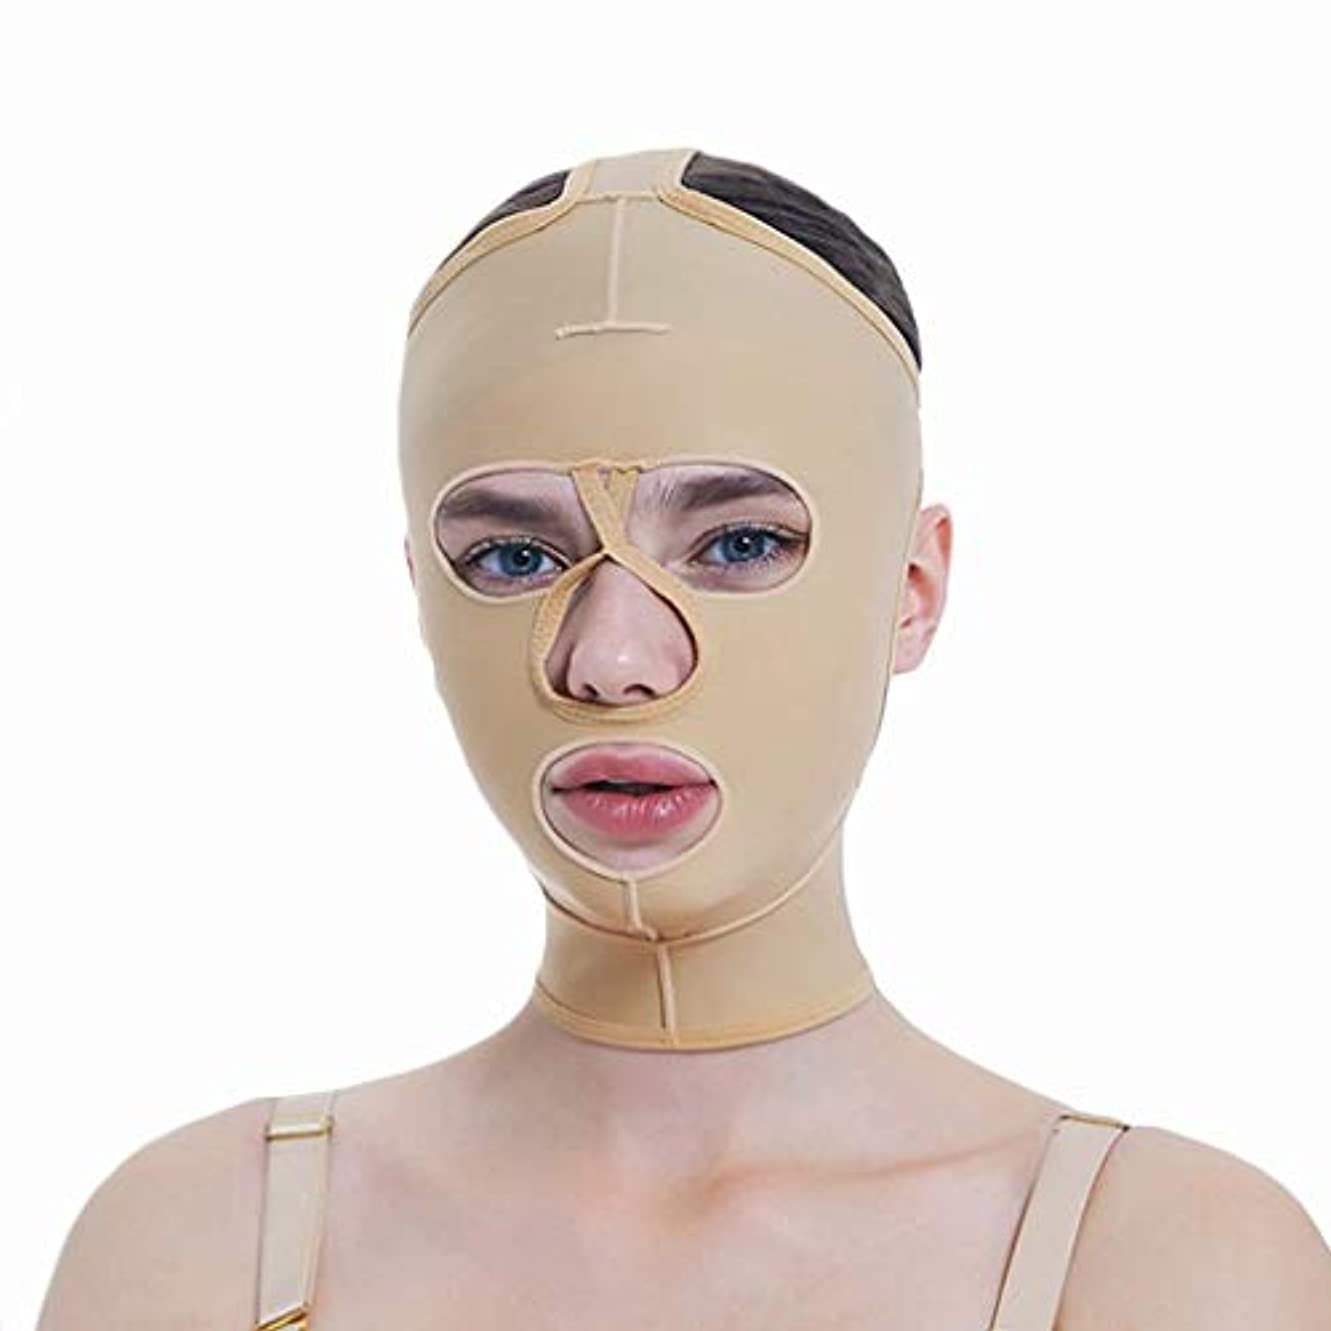 不正確エピソード教師の日フェイシャル減量マスク、フルカバレッジ包帯、フルフェイスリフティングマスク、フェイスマスク、快適で リフティングシェーピング(サイズ:S),S